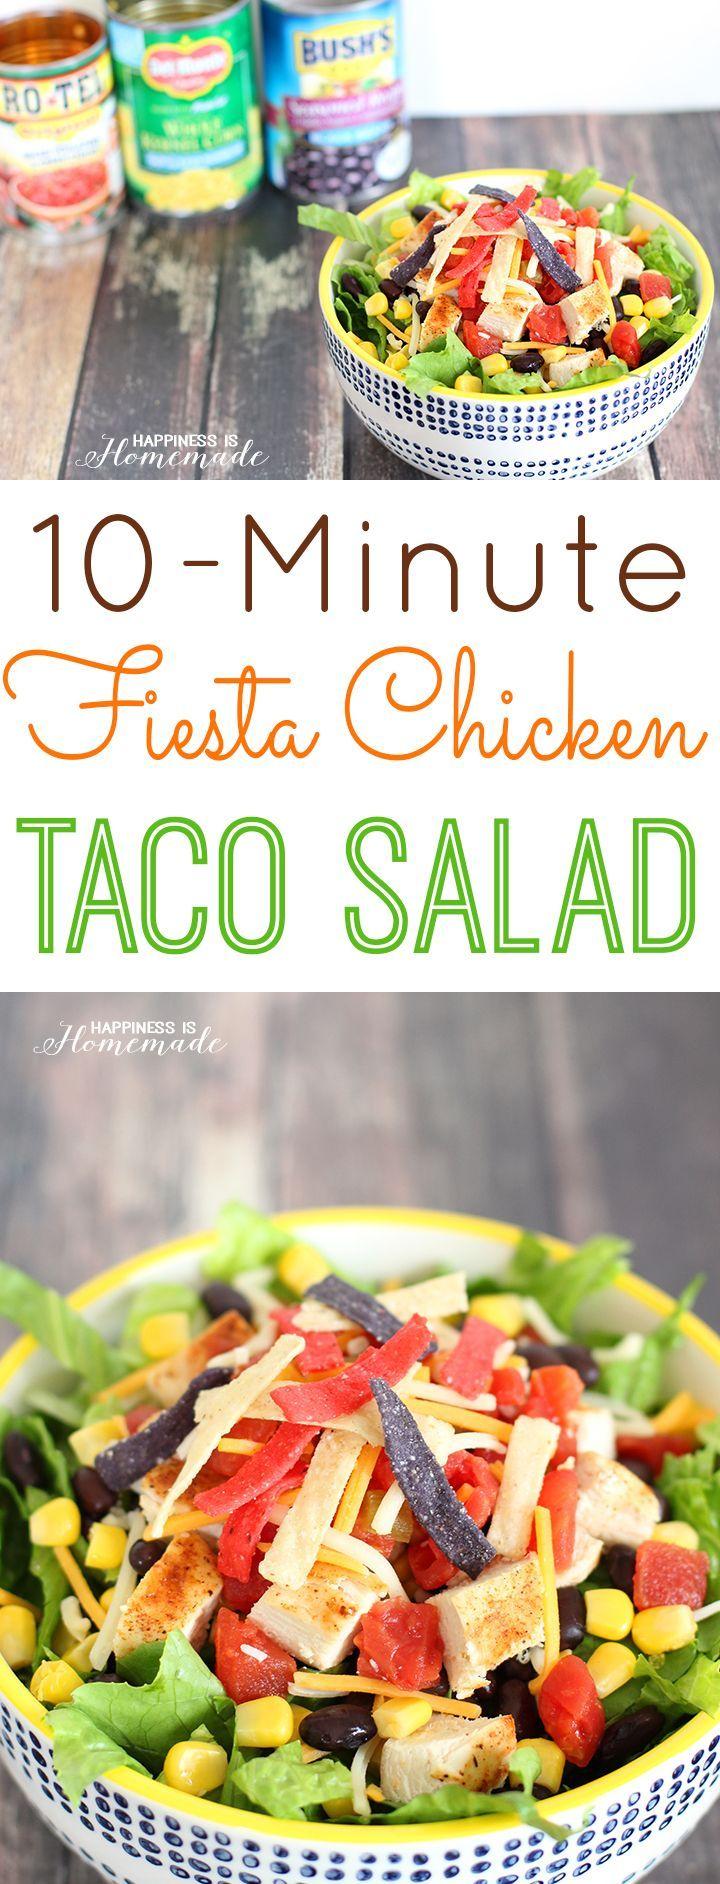 10-Minute Fiesta Chicken Taco Salad